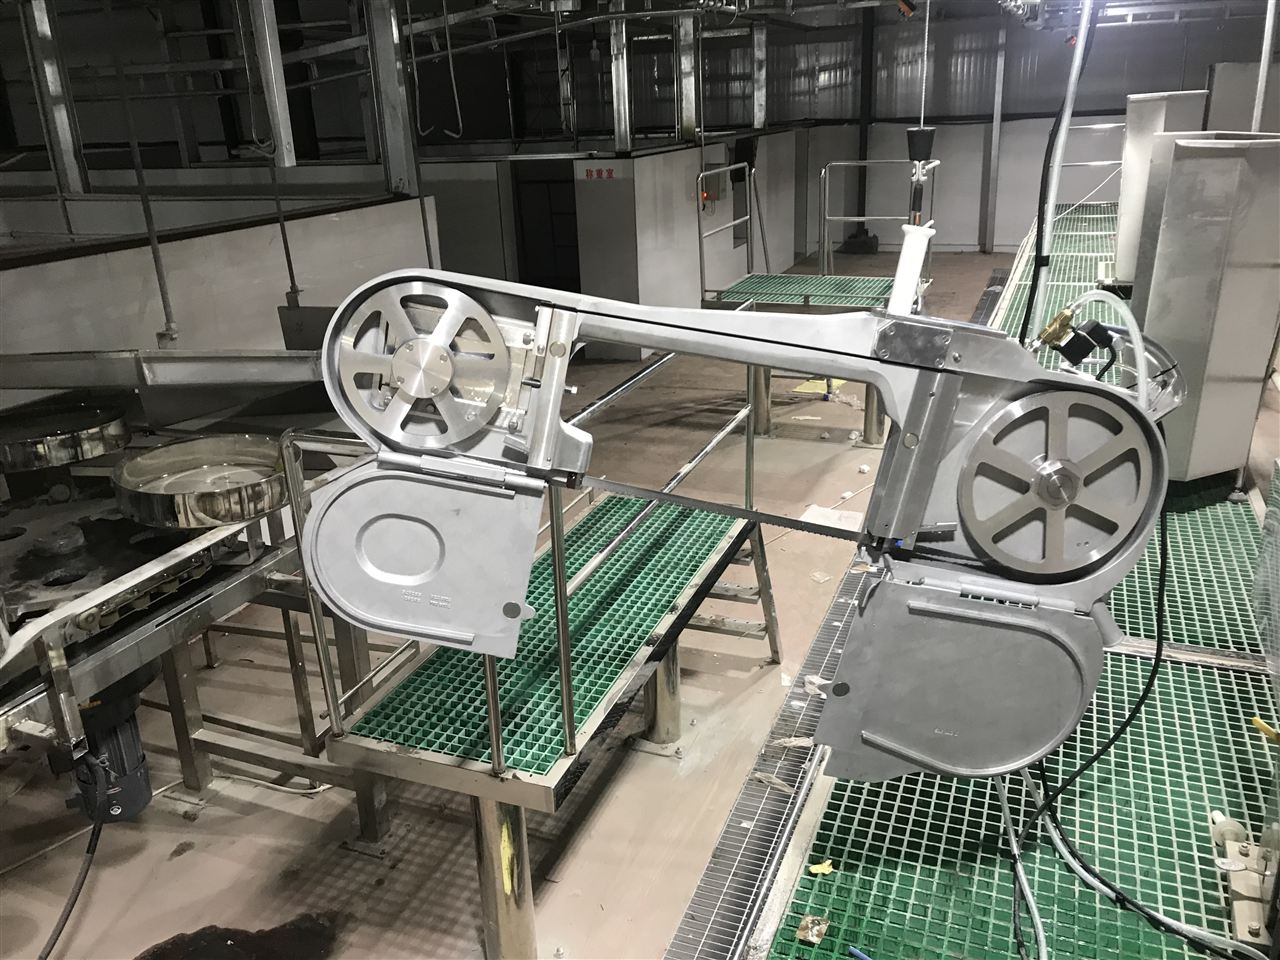 河北霸州某大型生猪屠宰厂选用凯斯乐公司生猪屠宰工具一套,现场安装调试中